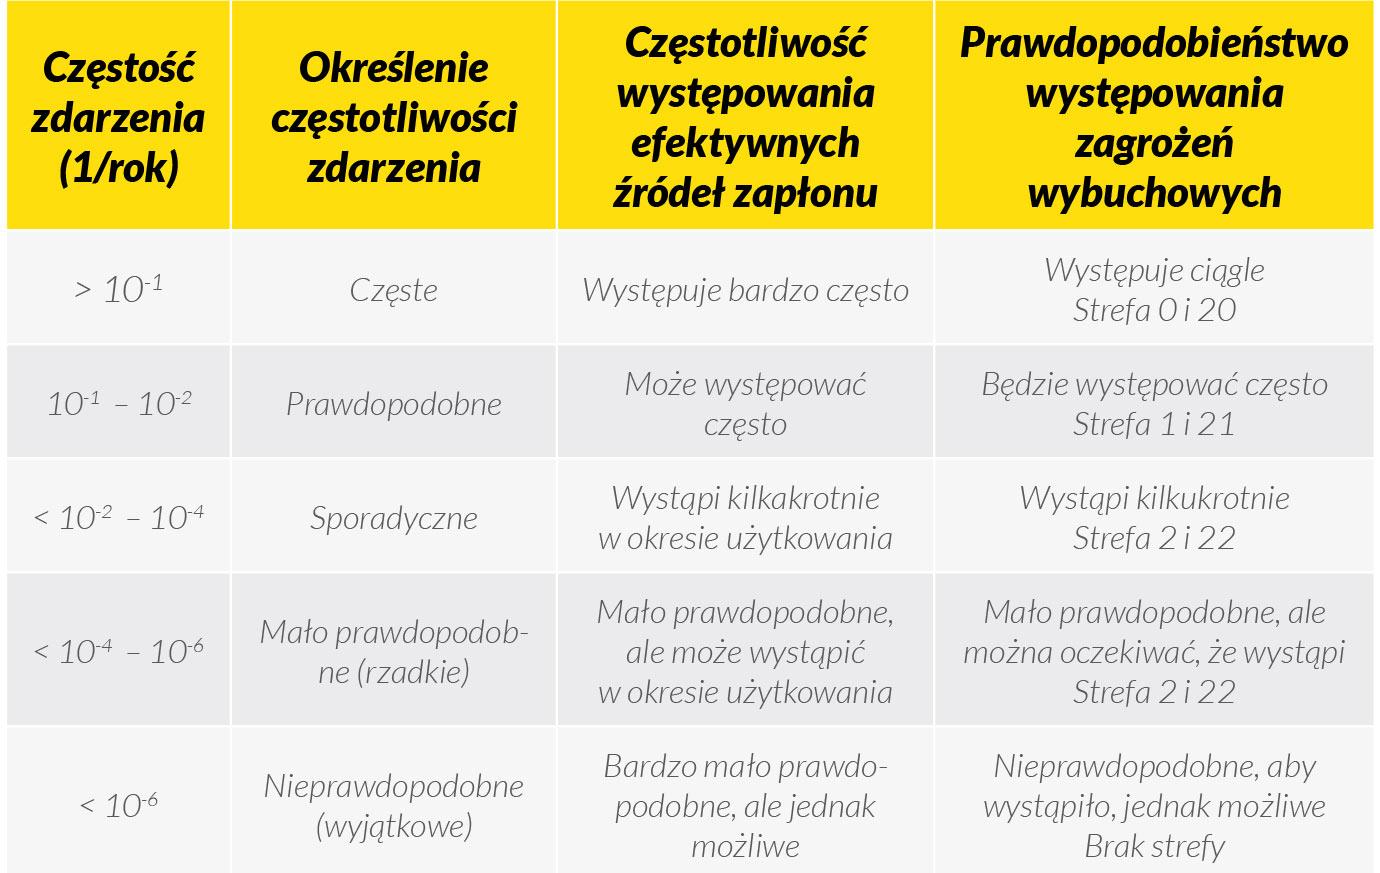 tabela-4-powiazani-czestosci-wystapienia-efektywnych-zrodel-zaplonu